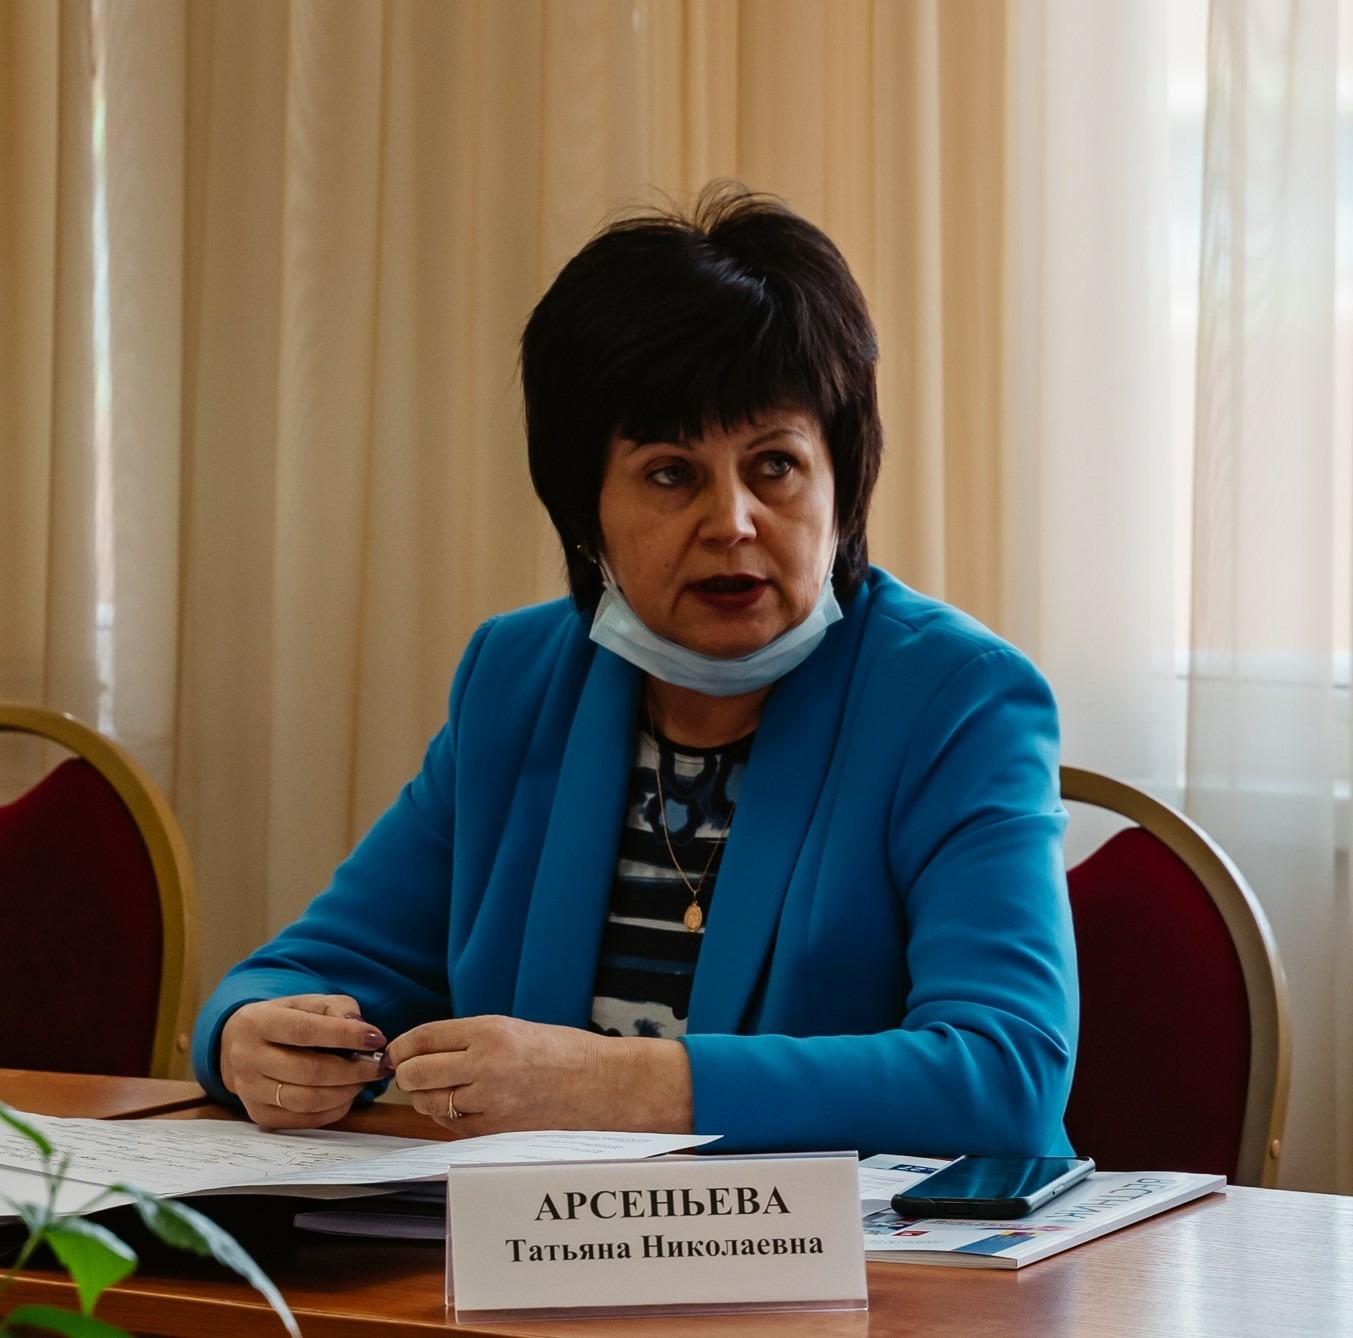 Татьяна Арсеньева: в рамках работы штаба важно организовать специальную подготовку добровольцев